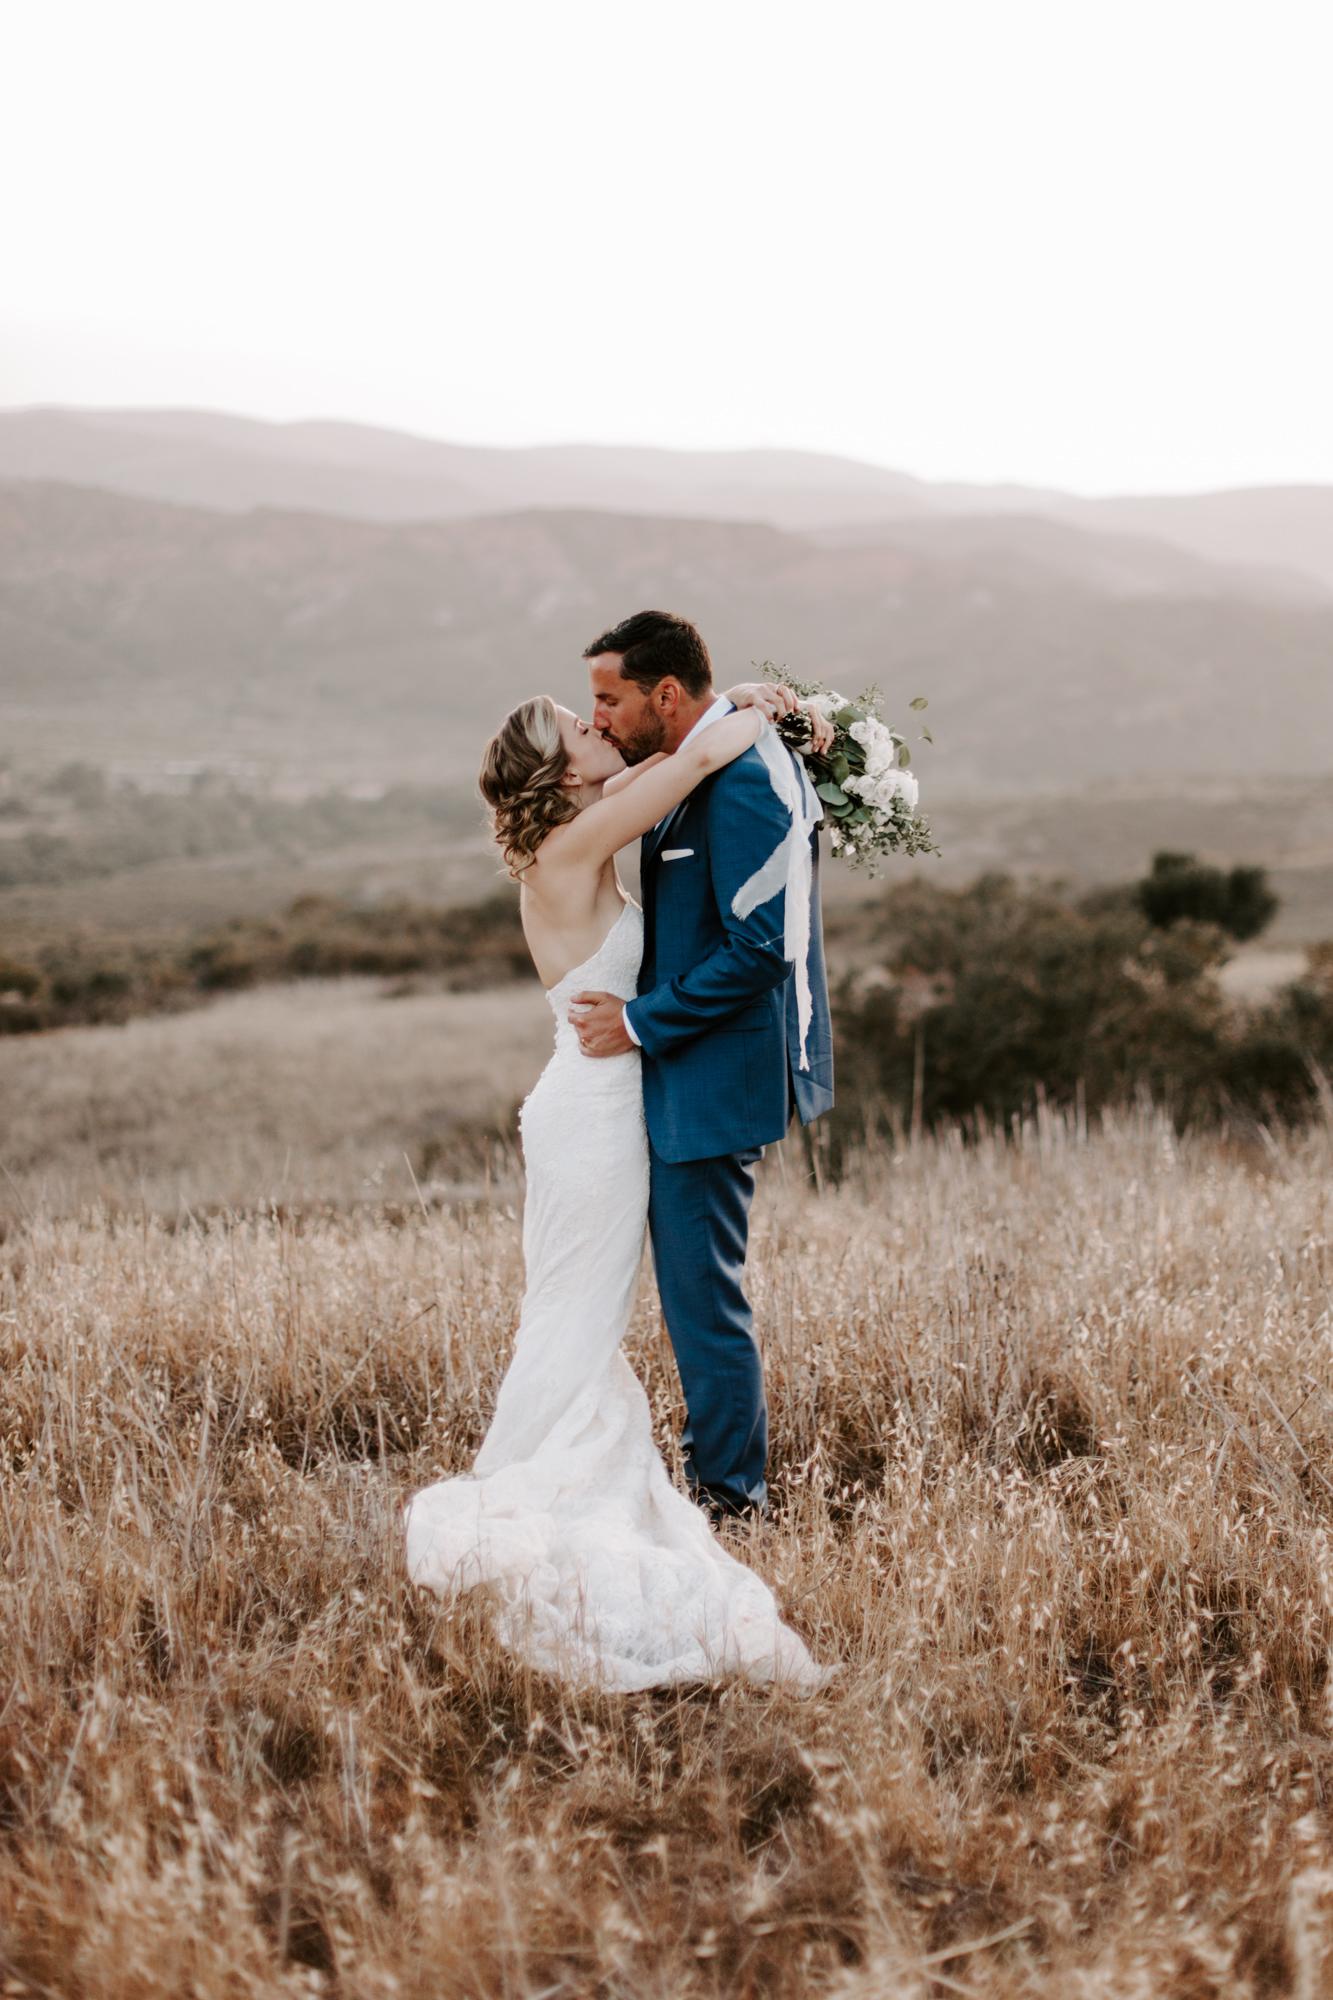 San Diego Wedding photography in Silverado Backyard Wedding064.jpg